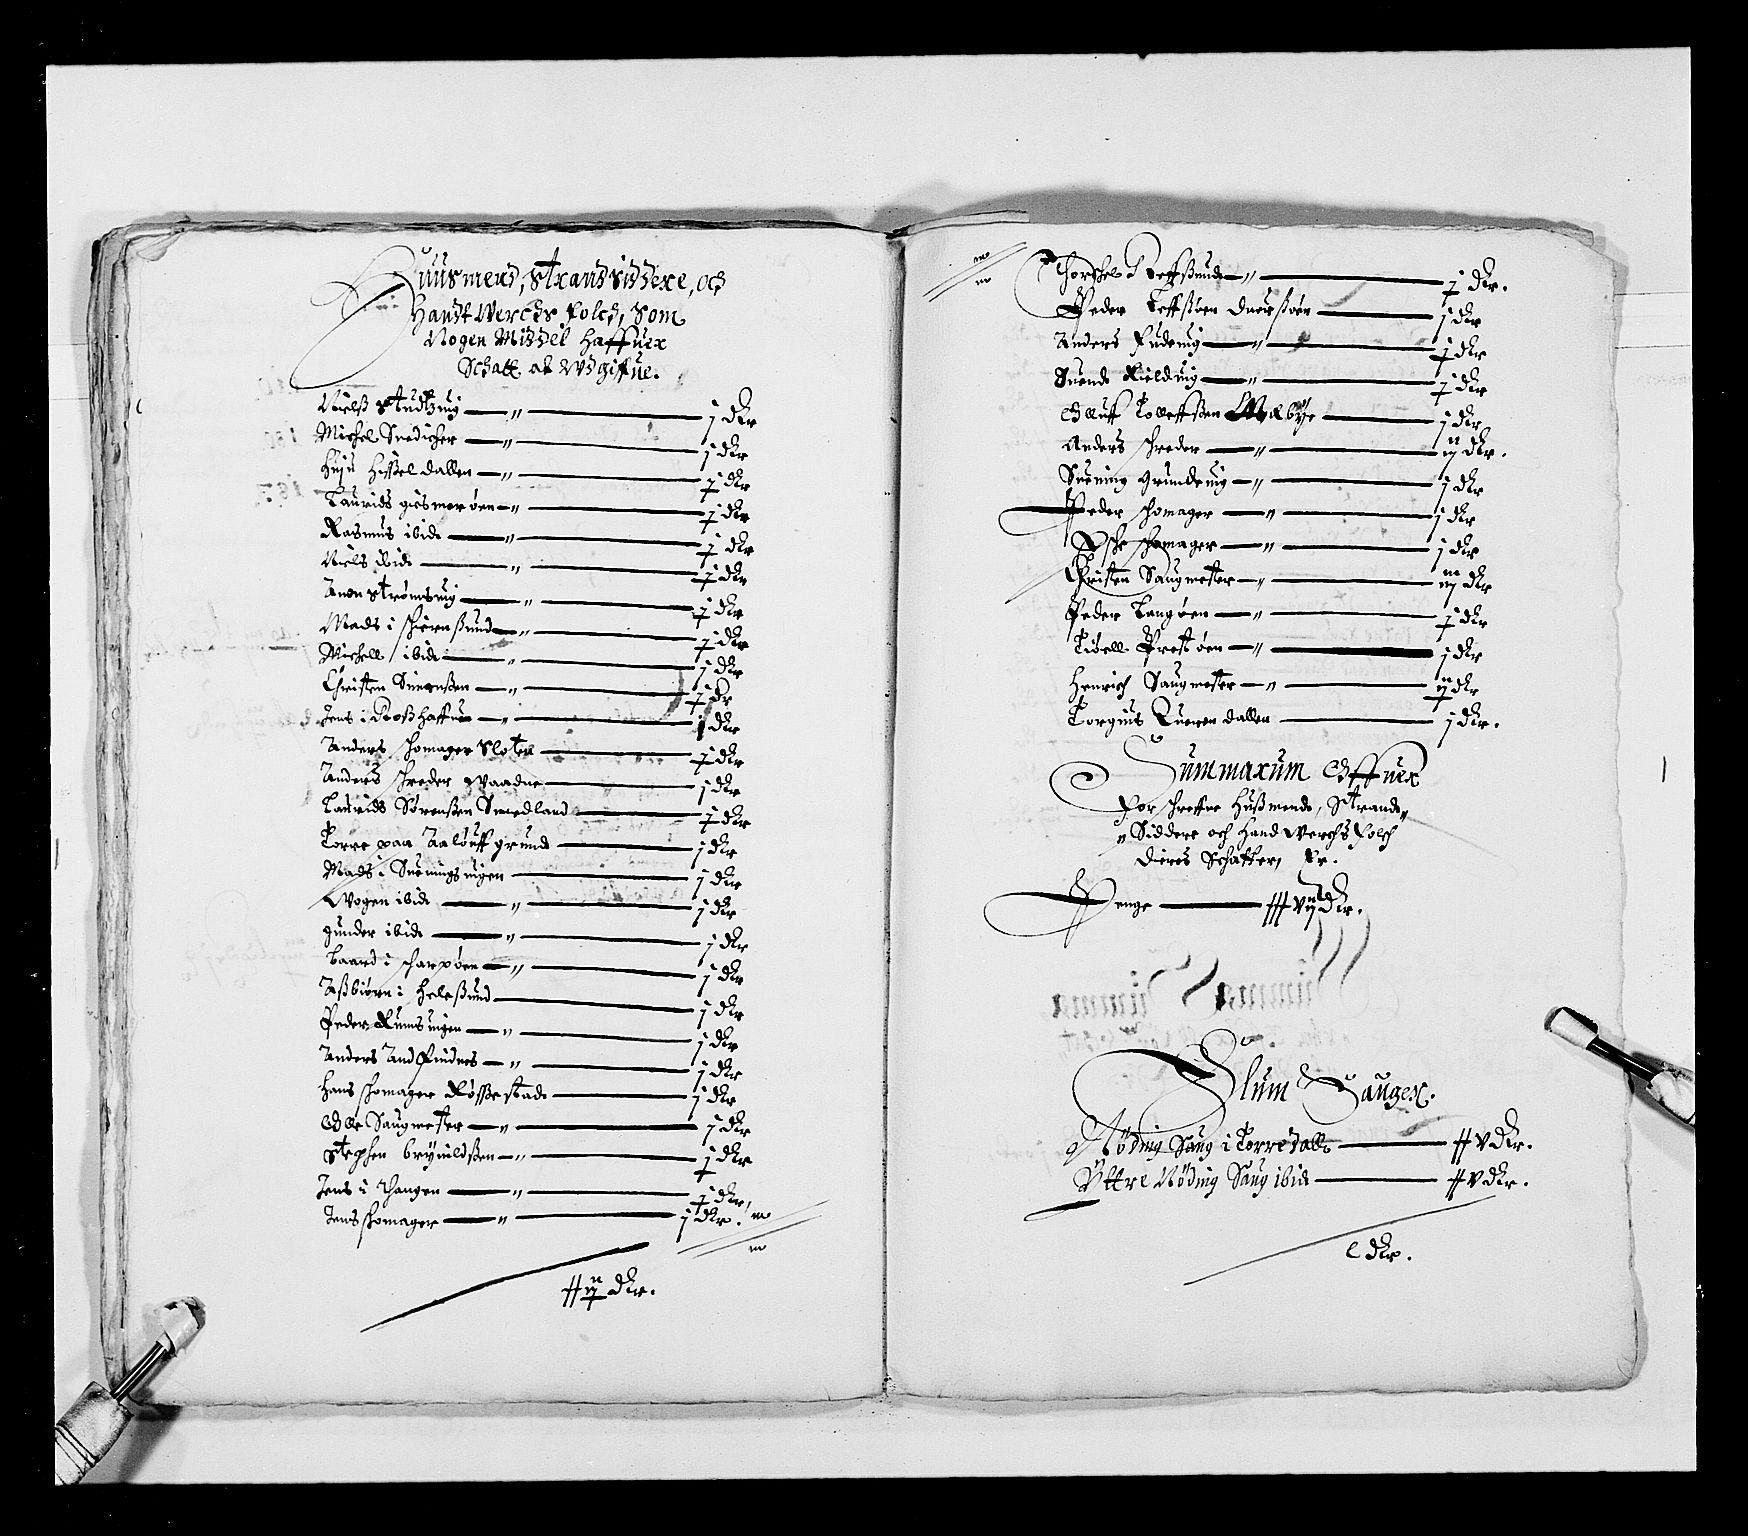 RA, Stattholderembetet 1572-1771, Ek/L0023: Jordebøker 1633-1658:, 1648-1649, s. 85